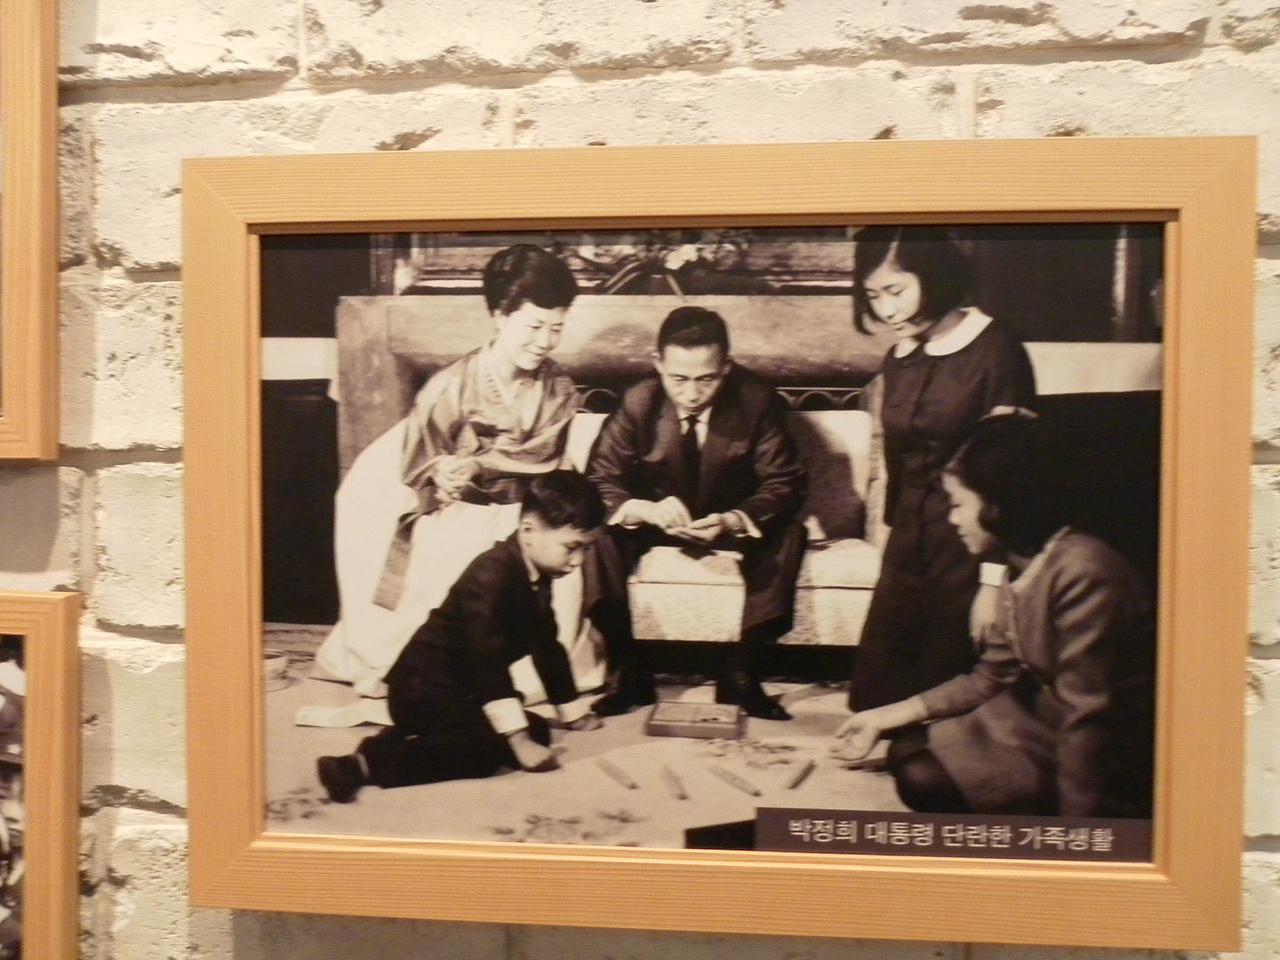 박정희 가족. 오른쪽에서 두 번째가 박근혜. 서울시 마포구 상암동의 박정희대통령기념도서관에서 찍은 사진.